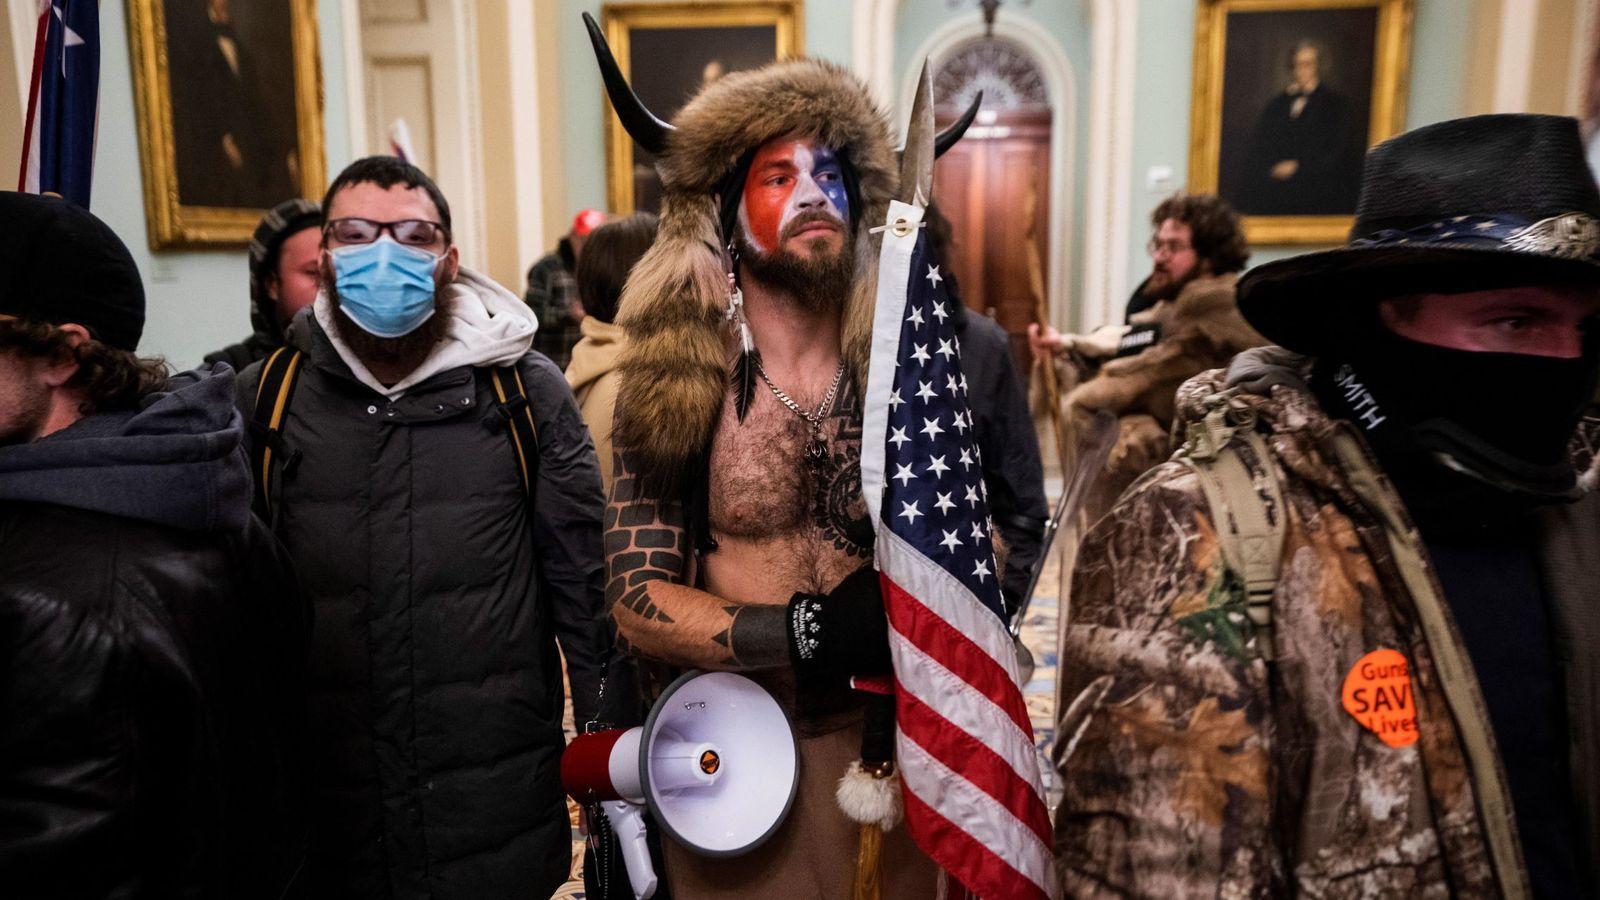 Estados Unidos (EEUU): Despedidos después de participar en el asalto al Capitolio y ser identificados